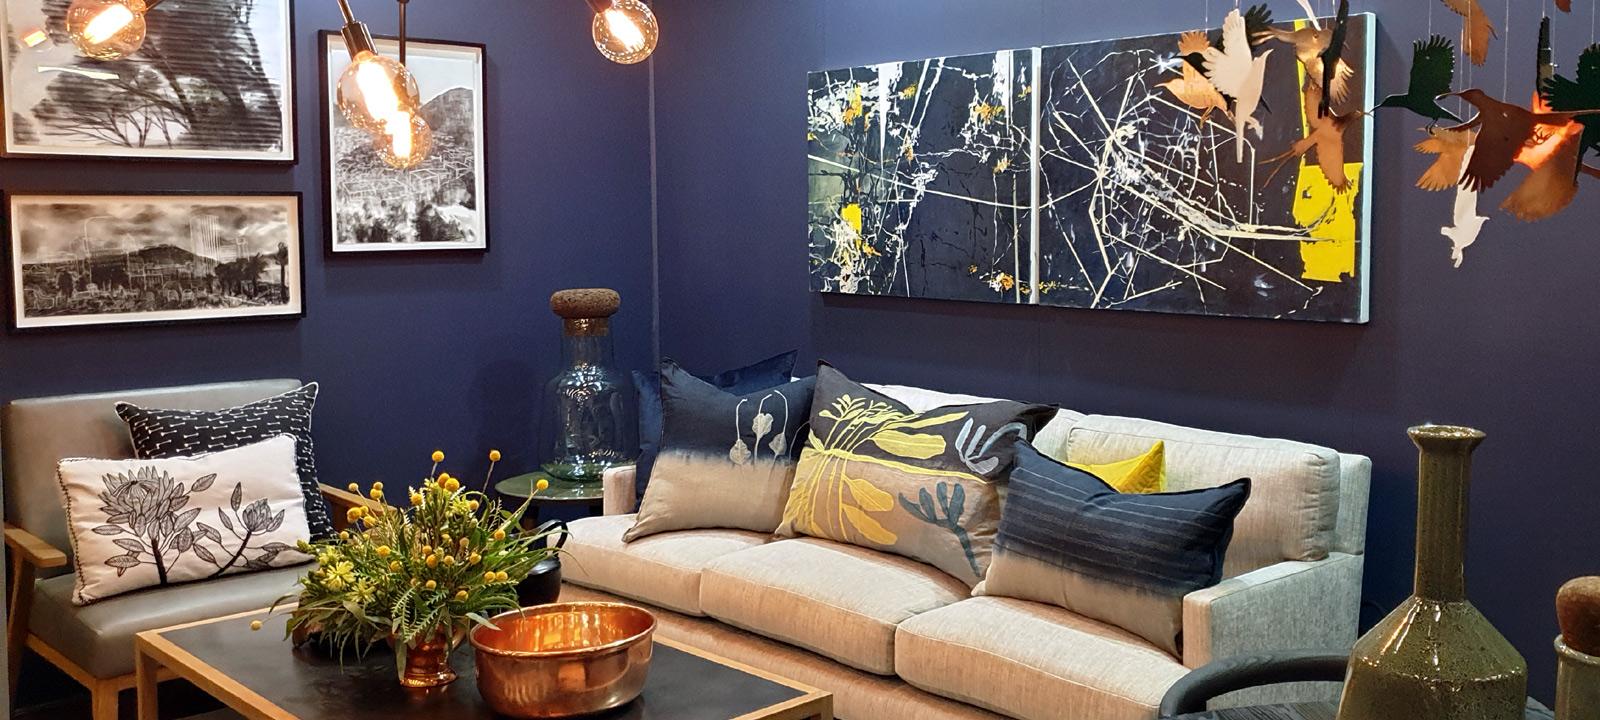 Decorex Interior Design